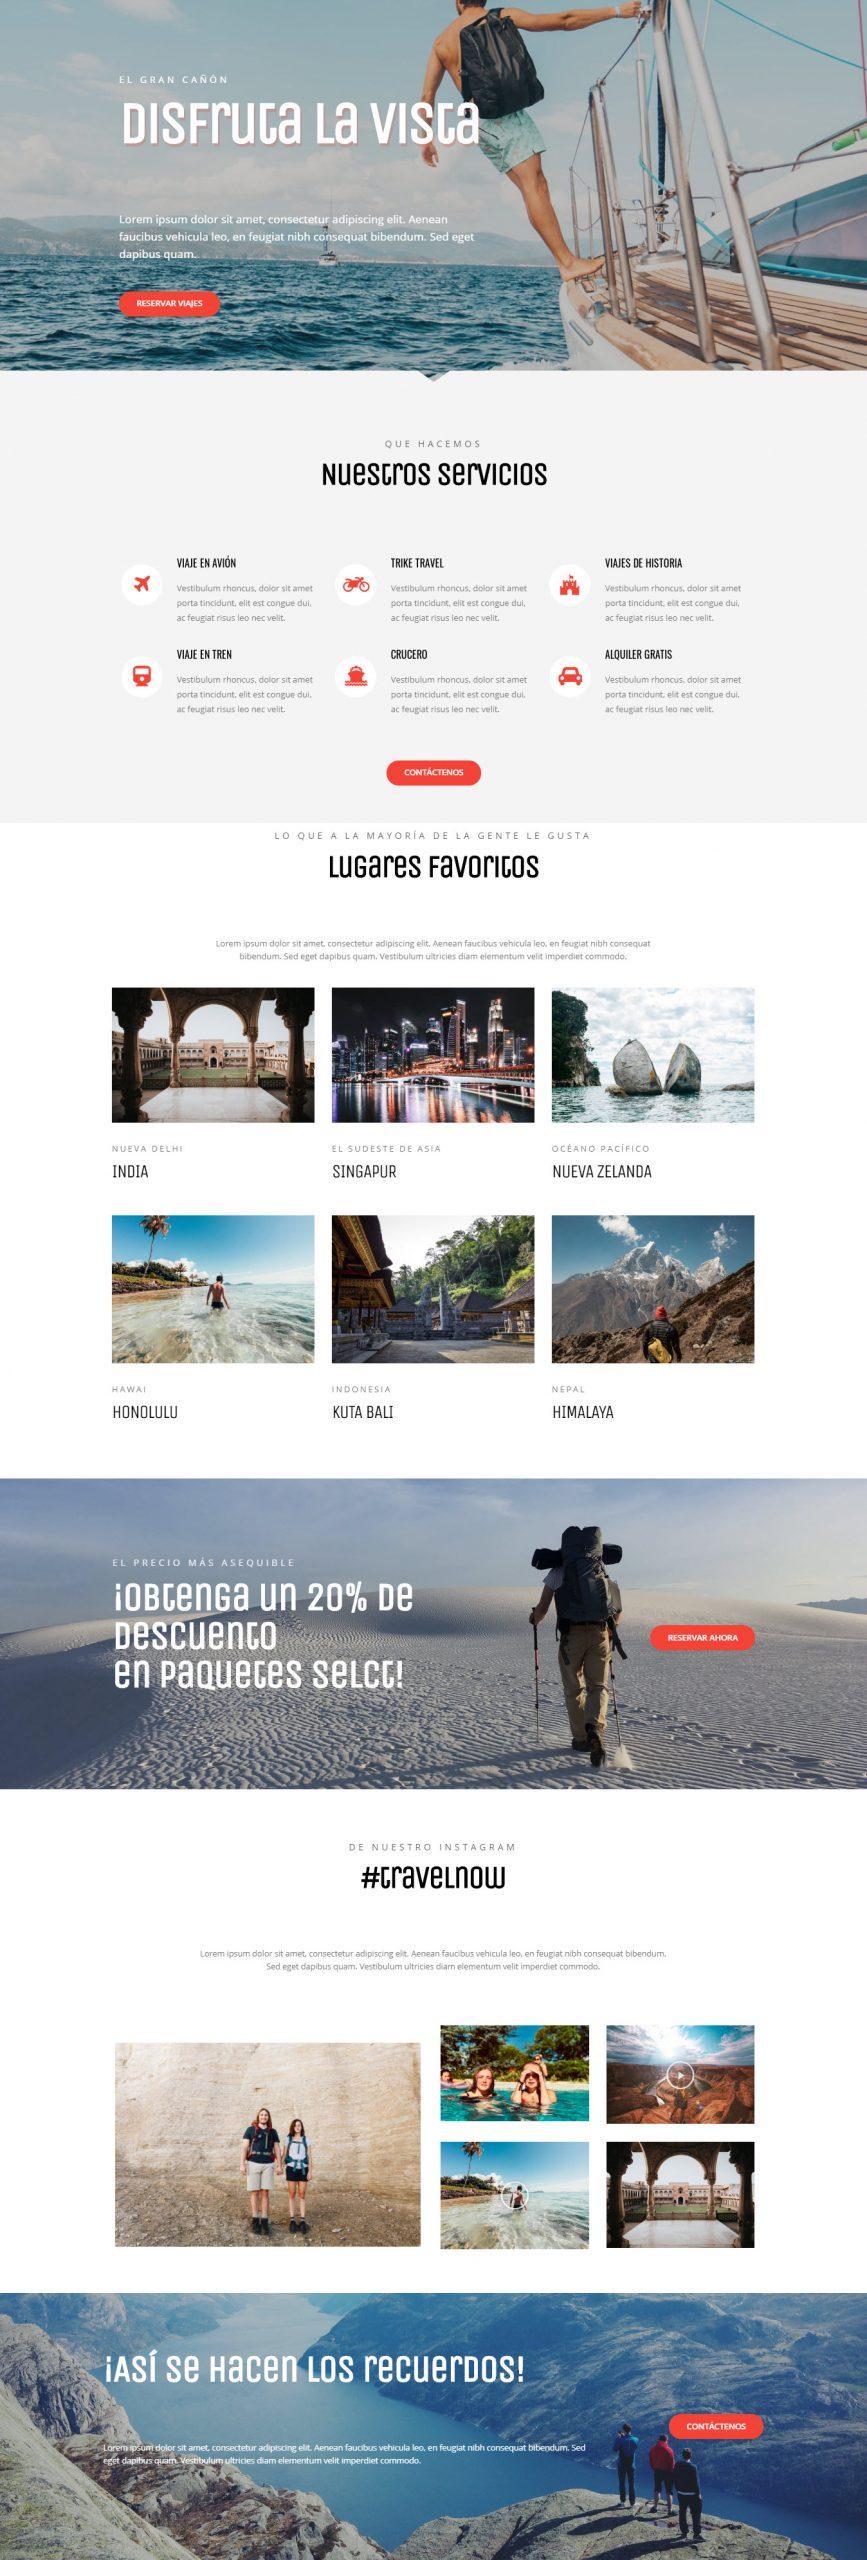 bluetec-turismo